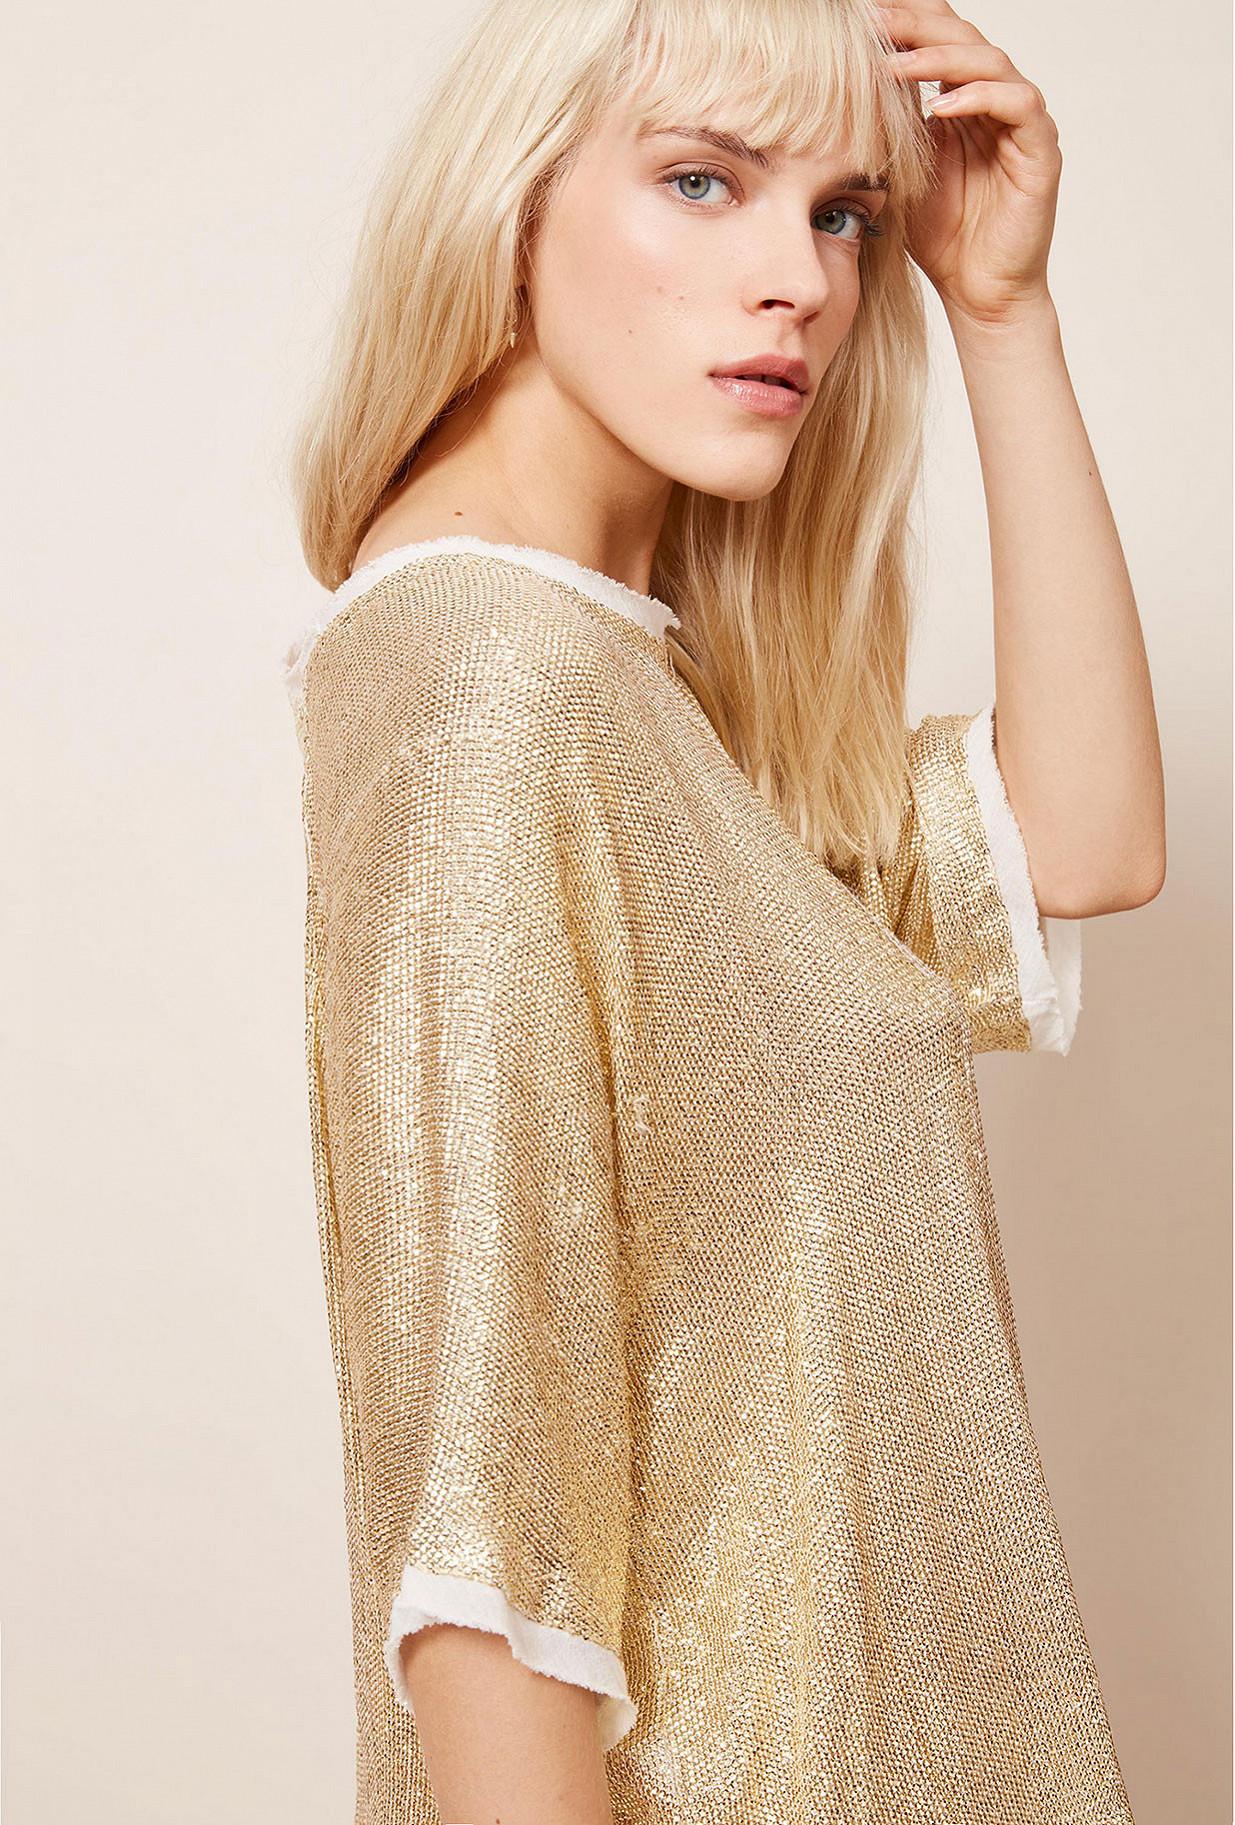 Paris clothes store Top Pharcyde french designer fashion Paris